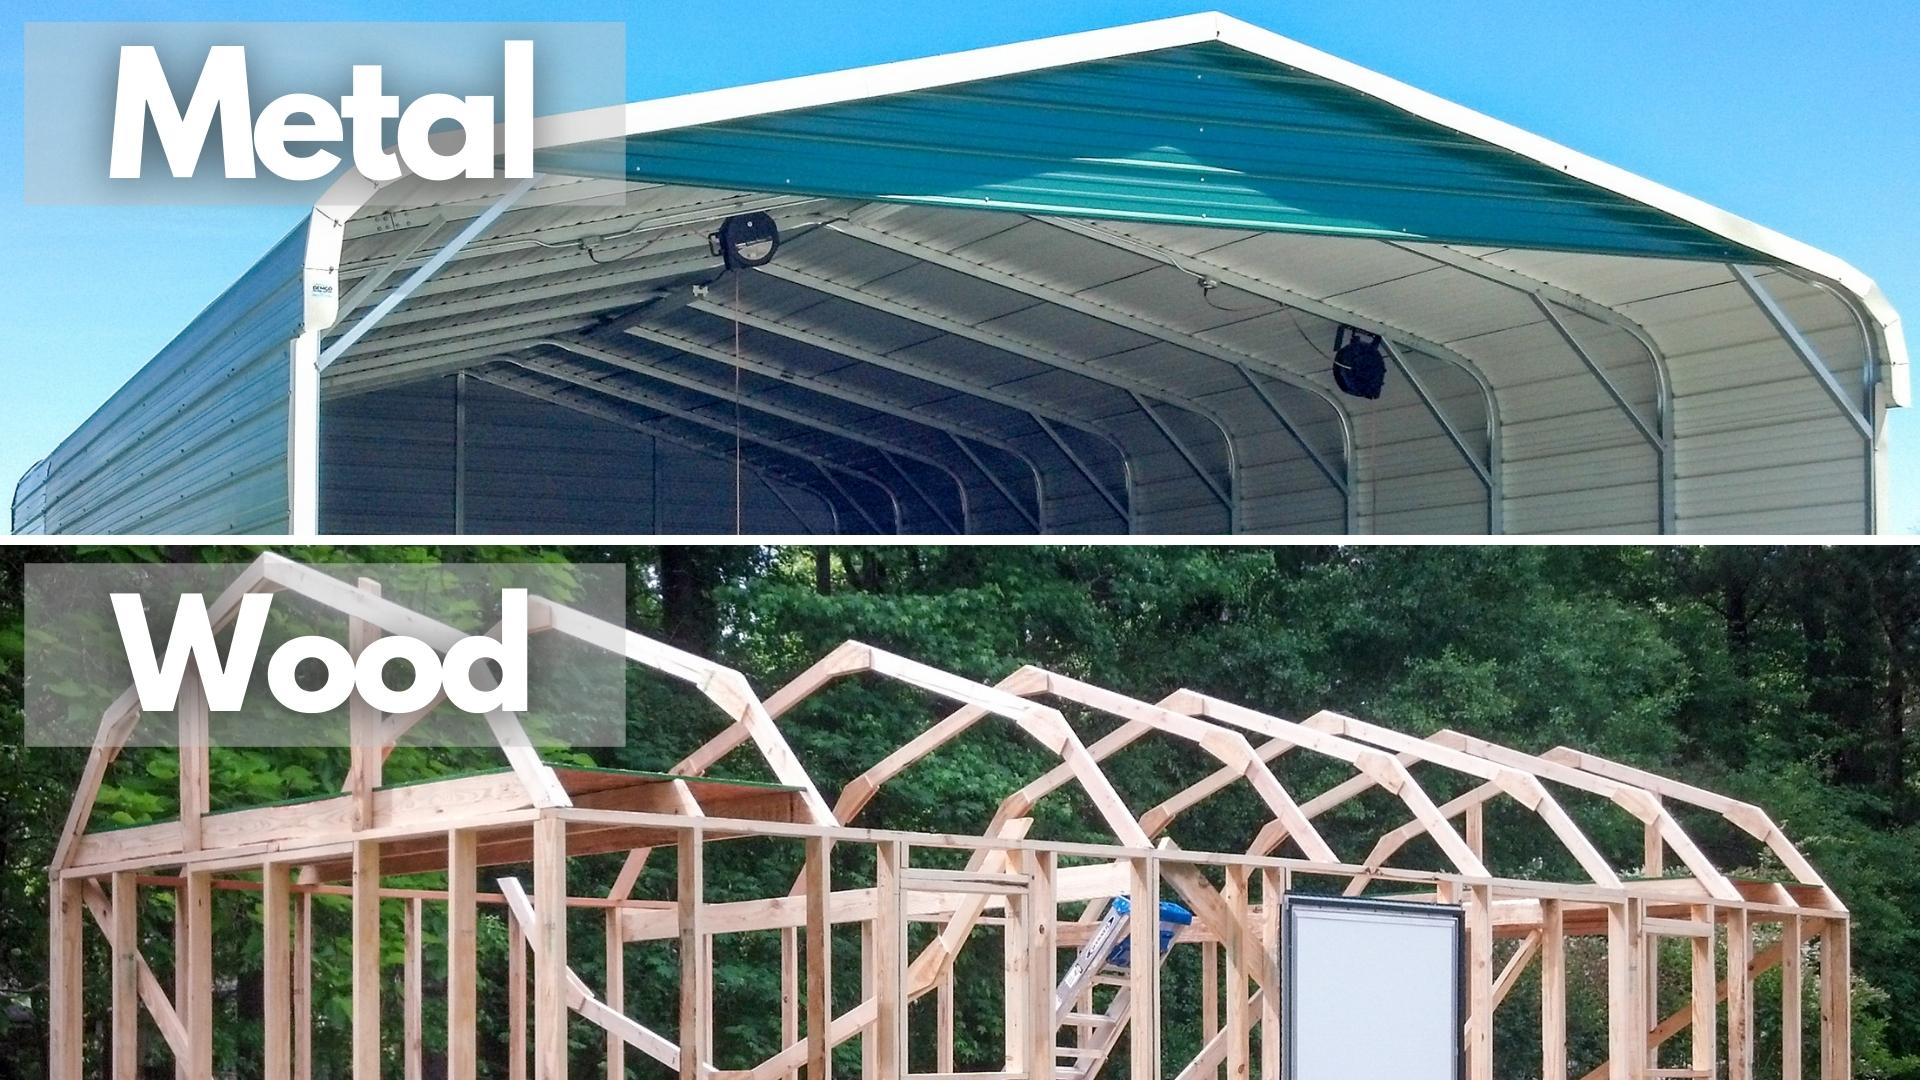 metal versus wood